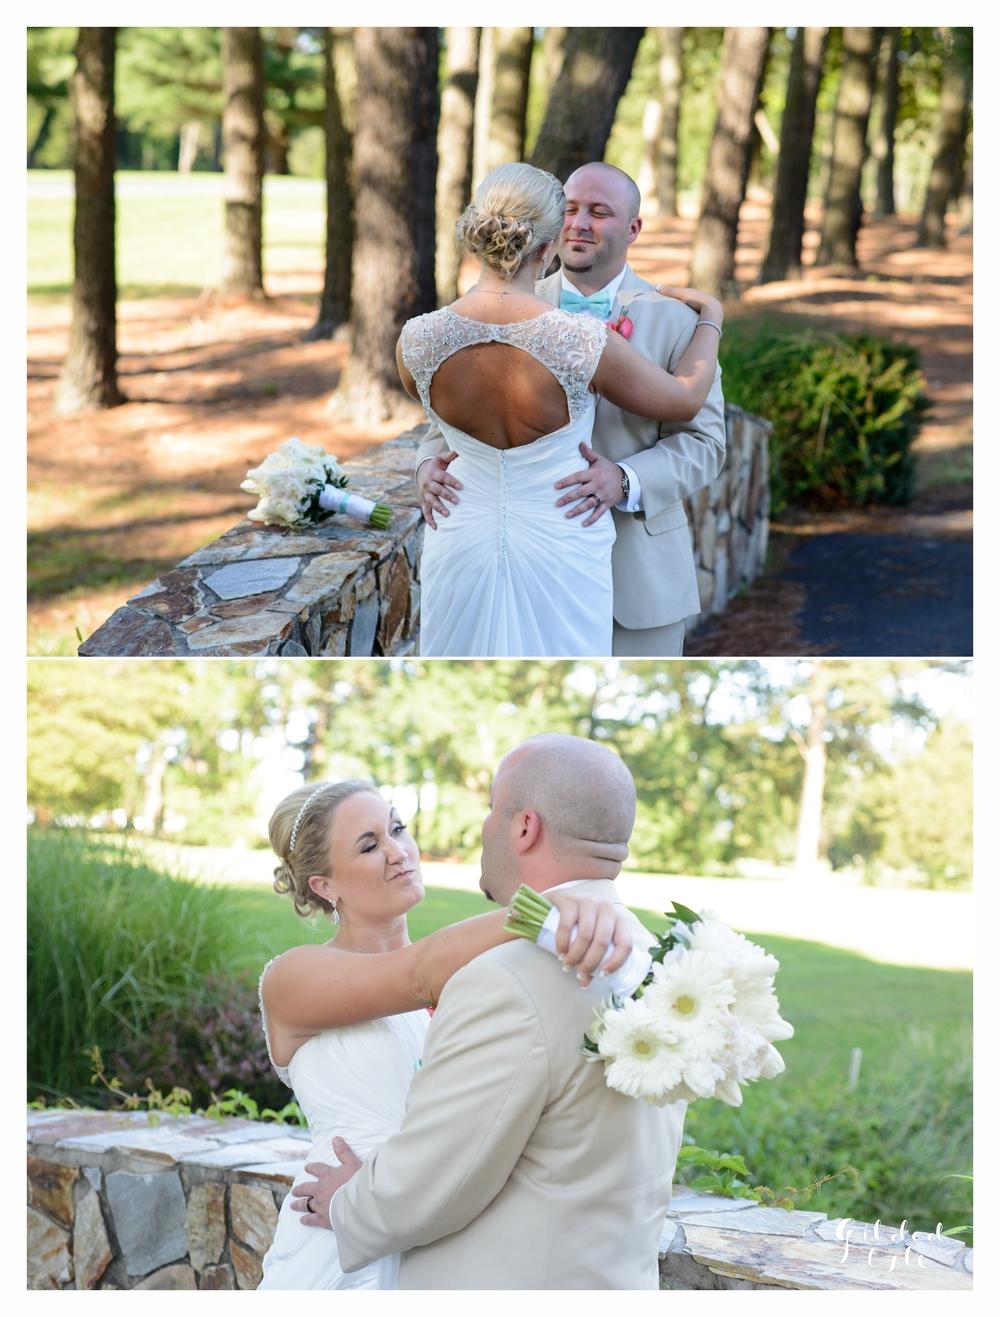 simpson wed blog collage 35.jpg